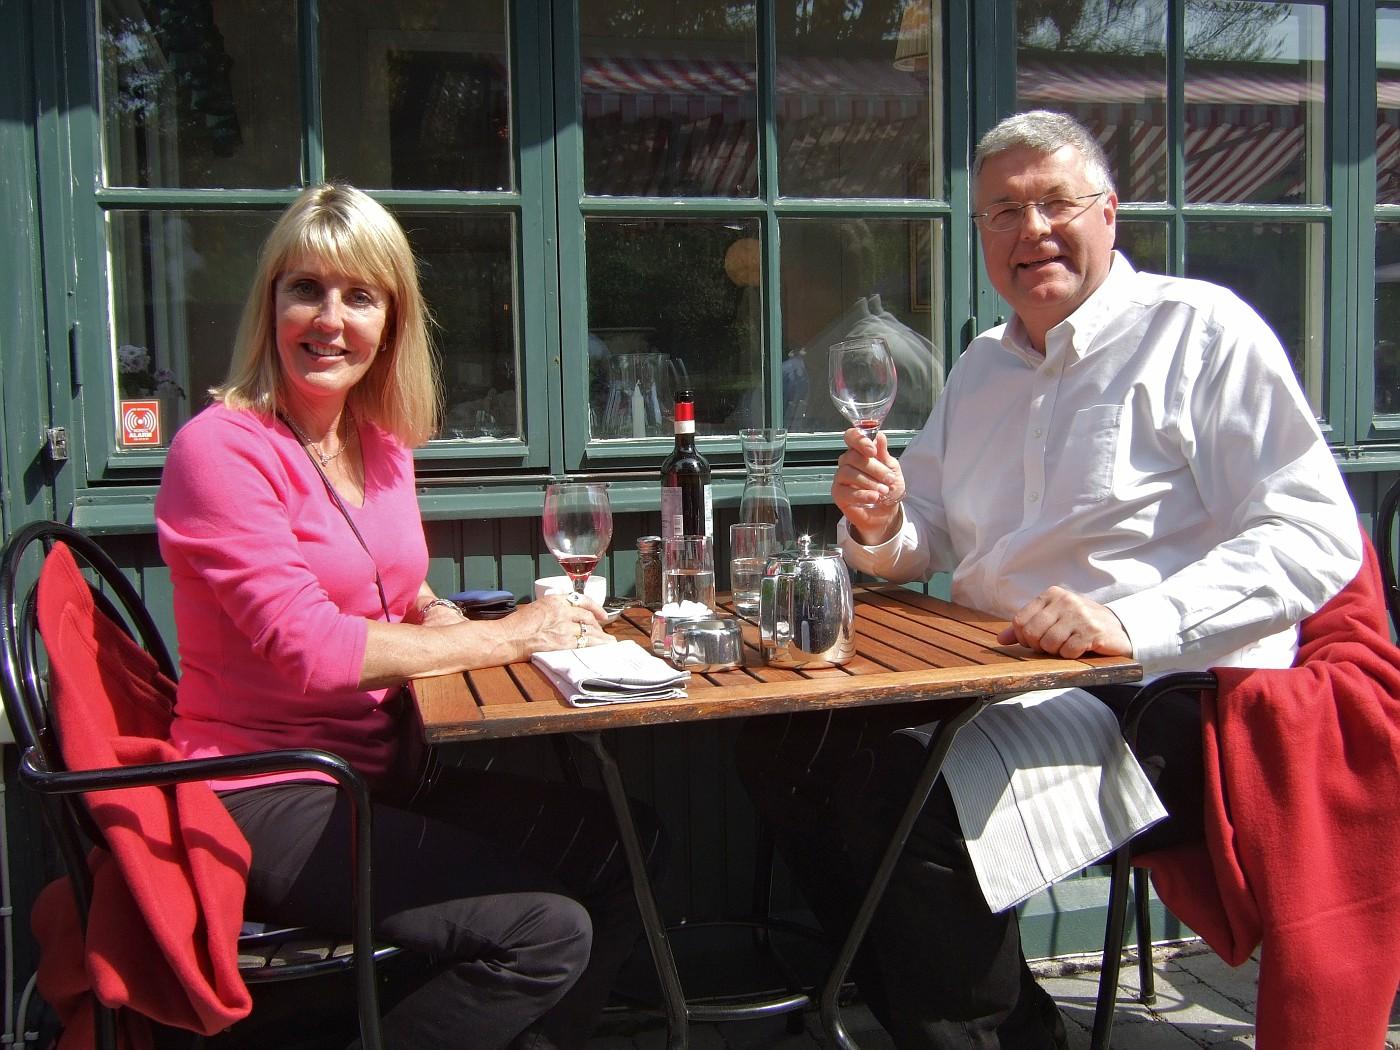 2012 05 20 1 Birgitta in Stockholm with Peter